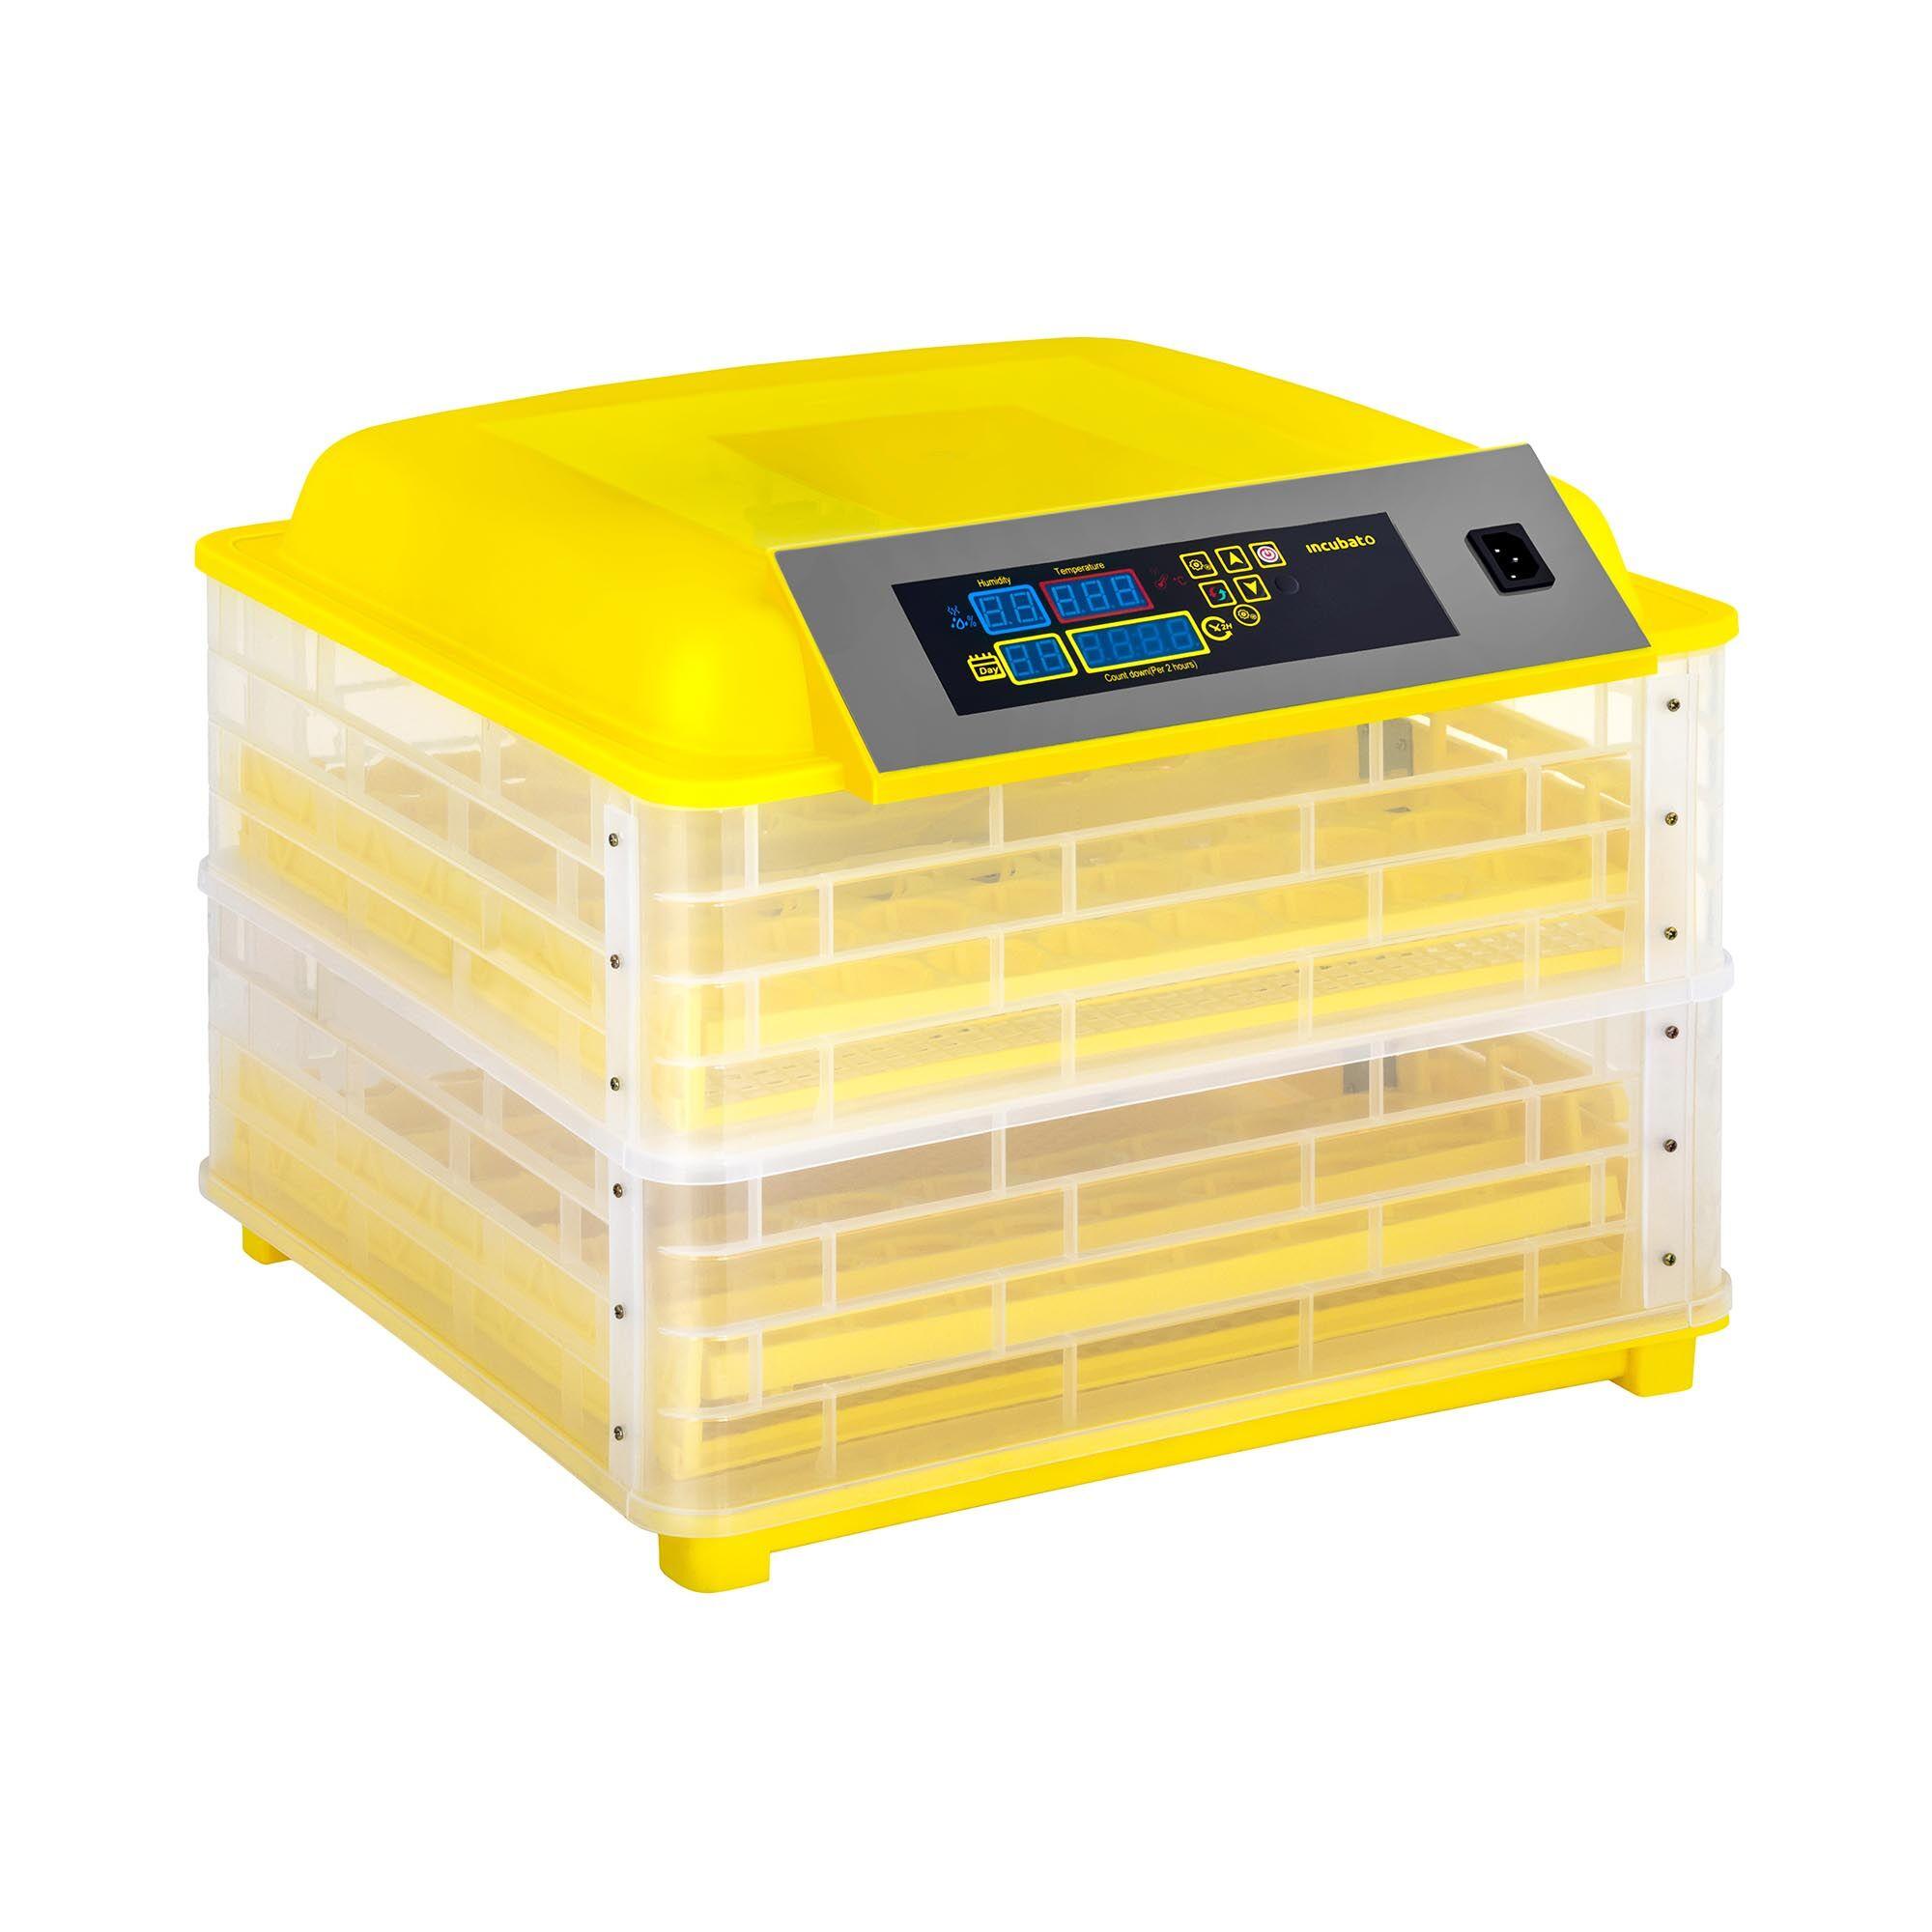 incubato Rugemaskine - 112 æg - inkl. gennemlysningslampe - fuldautomatisk IN-112DDI